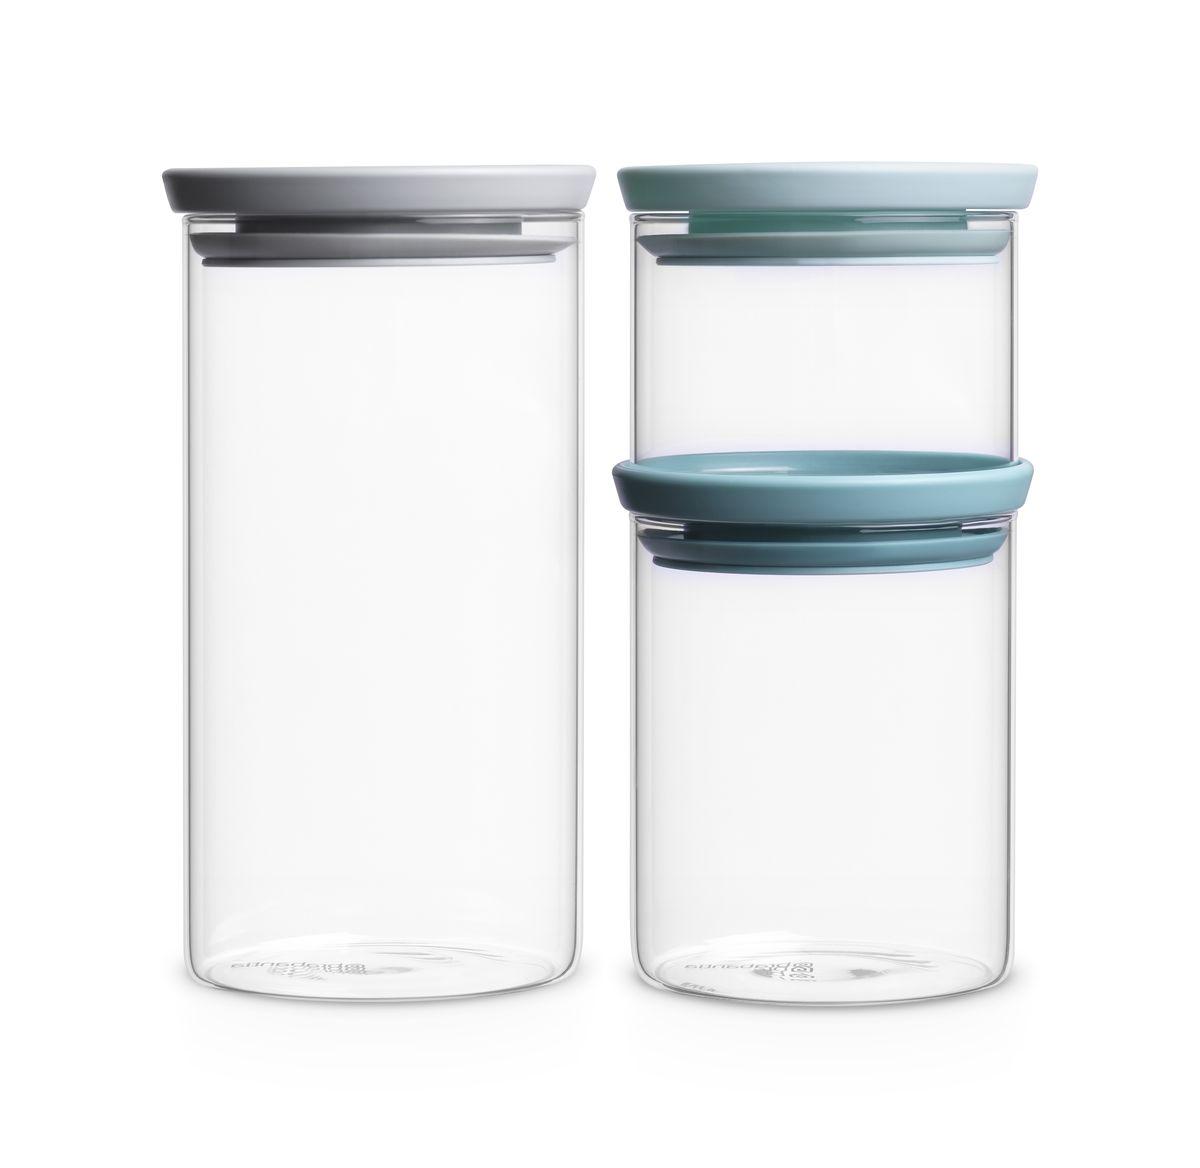 Набор банок для сыпучих продуктов Brabantia, 3 шт. 298325298325Экономия места – модульная конструкция: банки составляются одна на другую.Продукты дольше сохраняют свежесть – герметичная крышка.Хорошо видно содержимое и его объем – прозрачное стекло.Легко моются – банки и крышки можно мыть в посудомоечной машине.